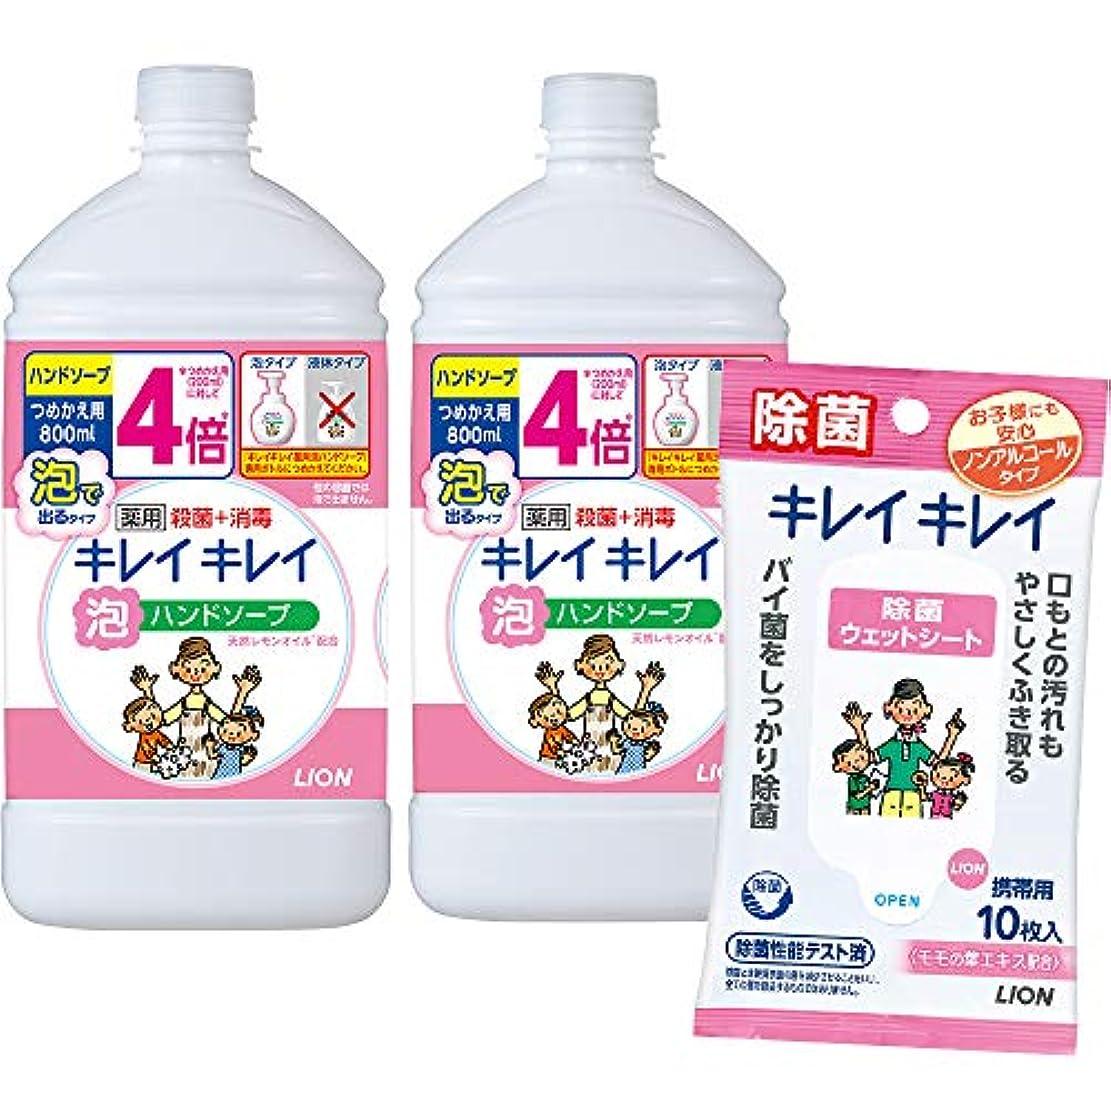 (医薬部外品)【Amazon.co.jp限定】キレイキレイ 薬用 泡ハンドソープ シトラスフルーティの香り 詰替特大 800ml×2個 除菌シート付